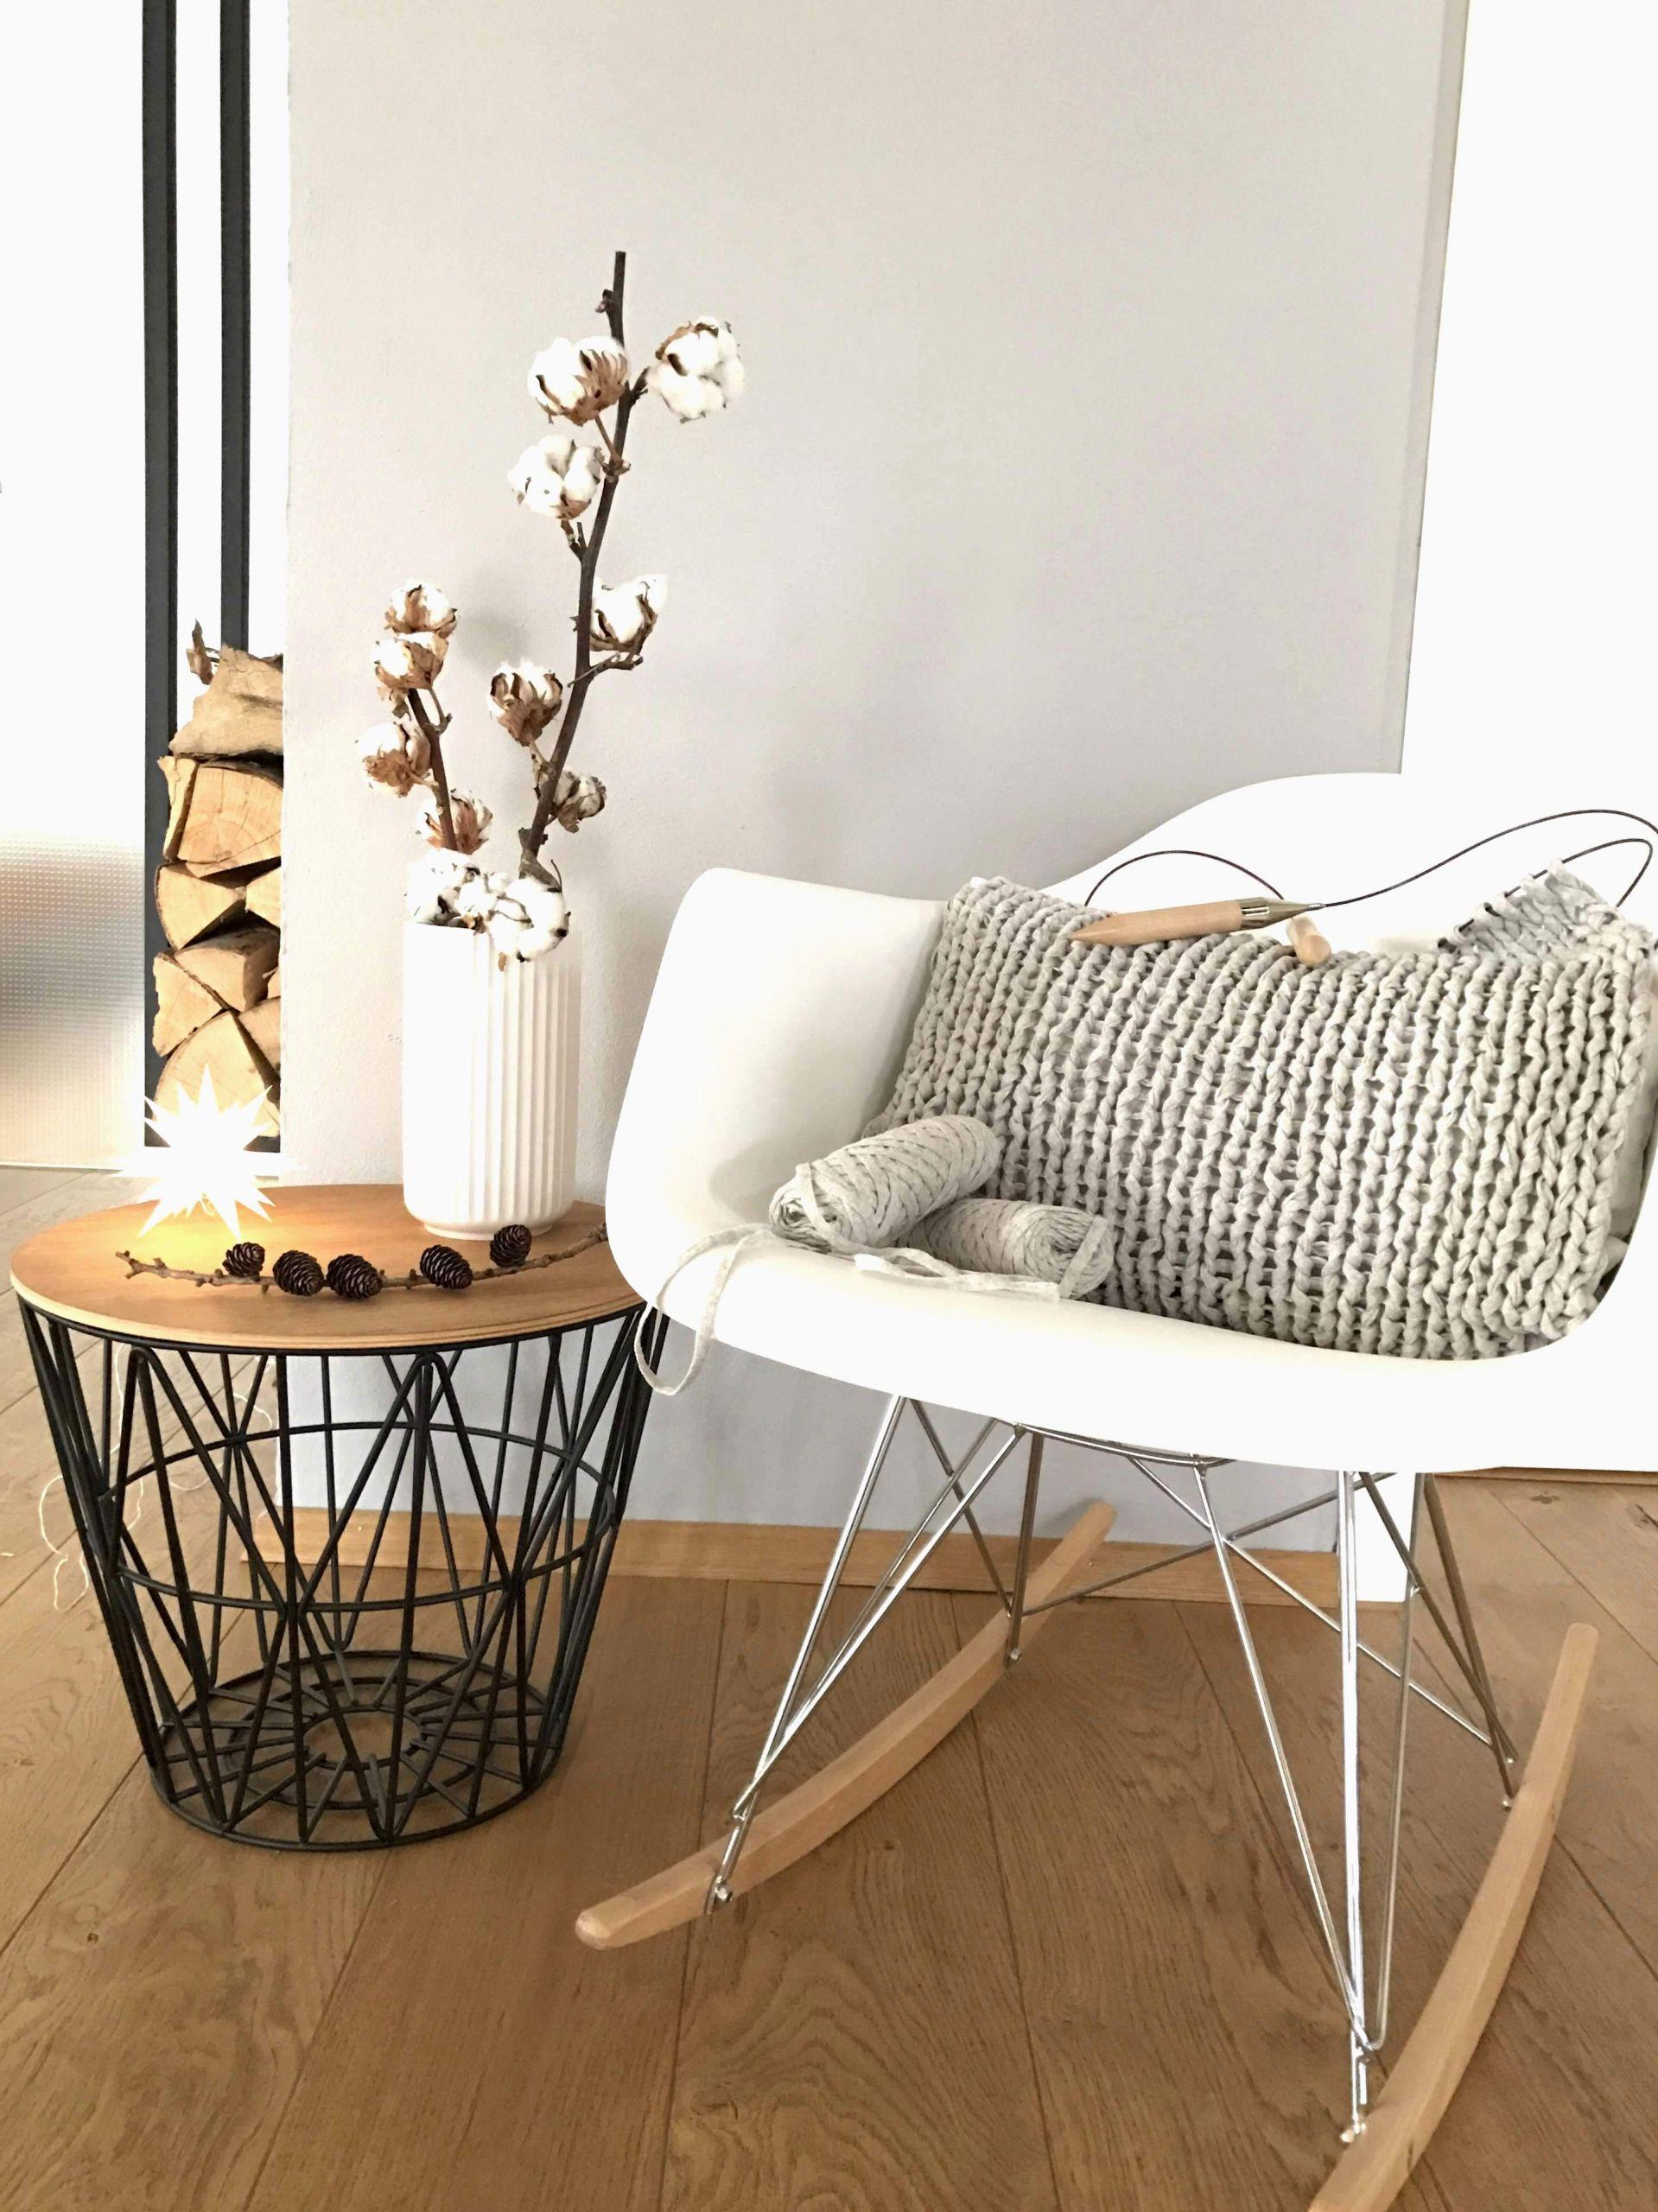 Pflanzen Deko Ideen Elegant Dekoration Wohnzimmer Genial Wohnwand Wohnzimmer Schön